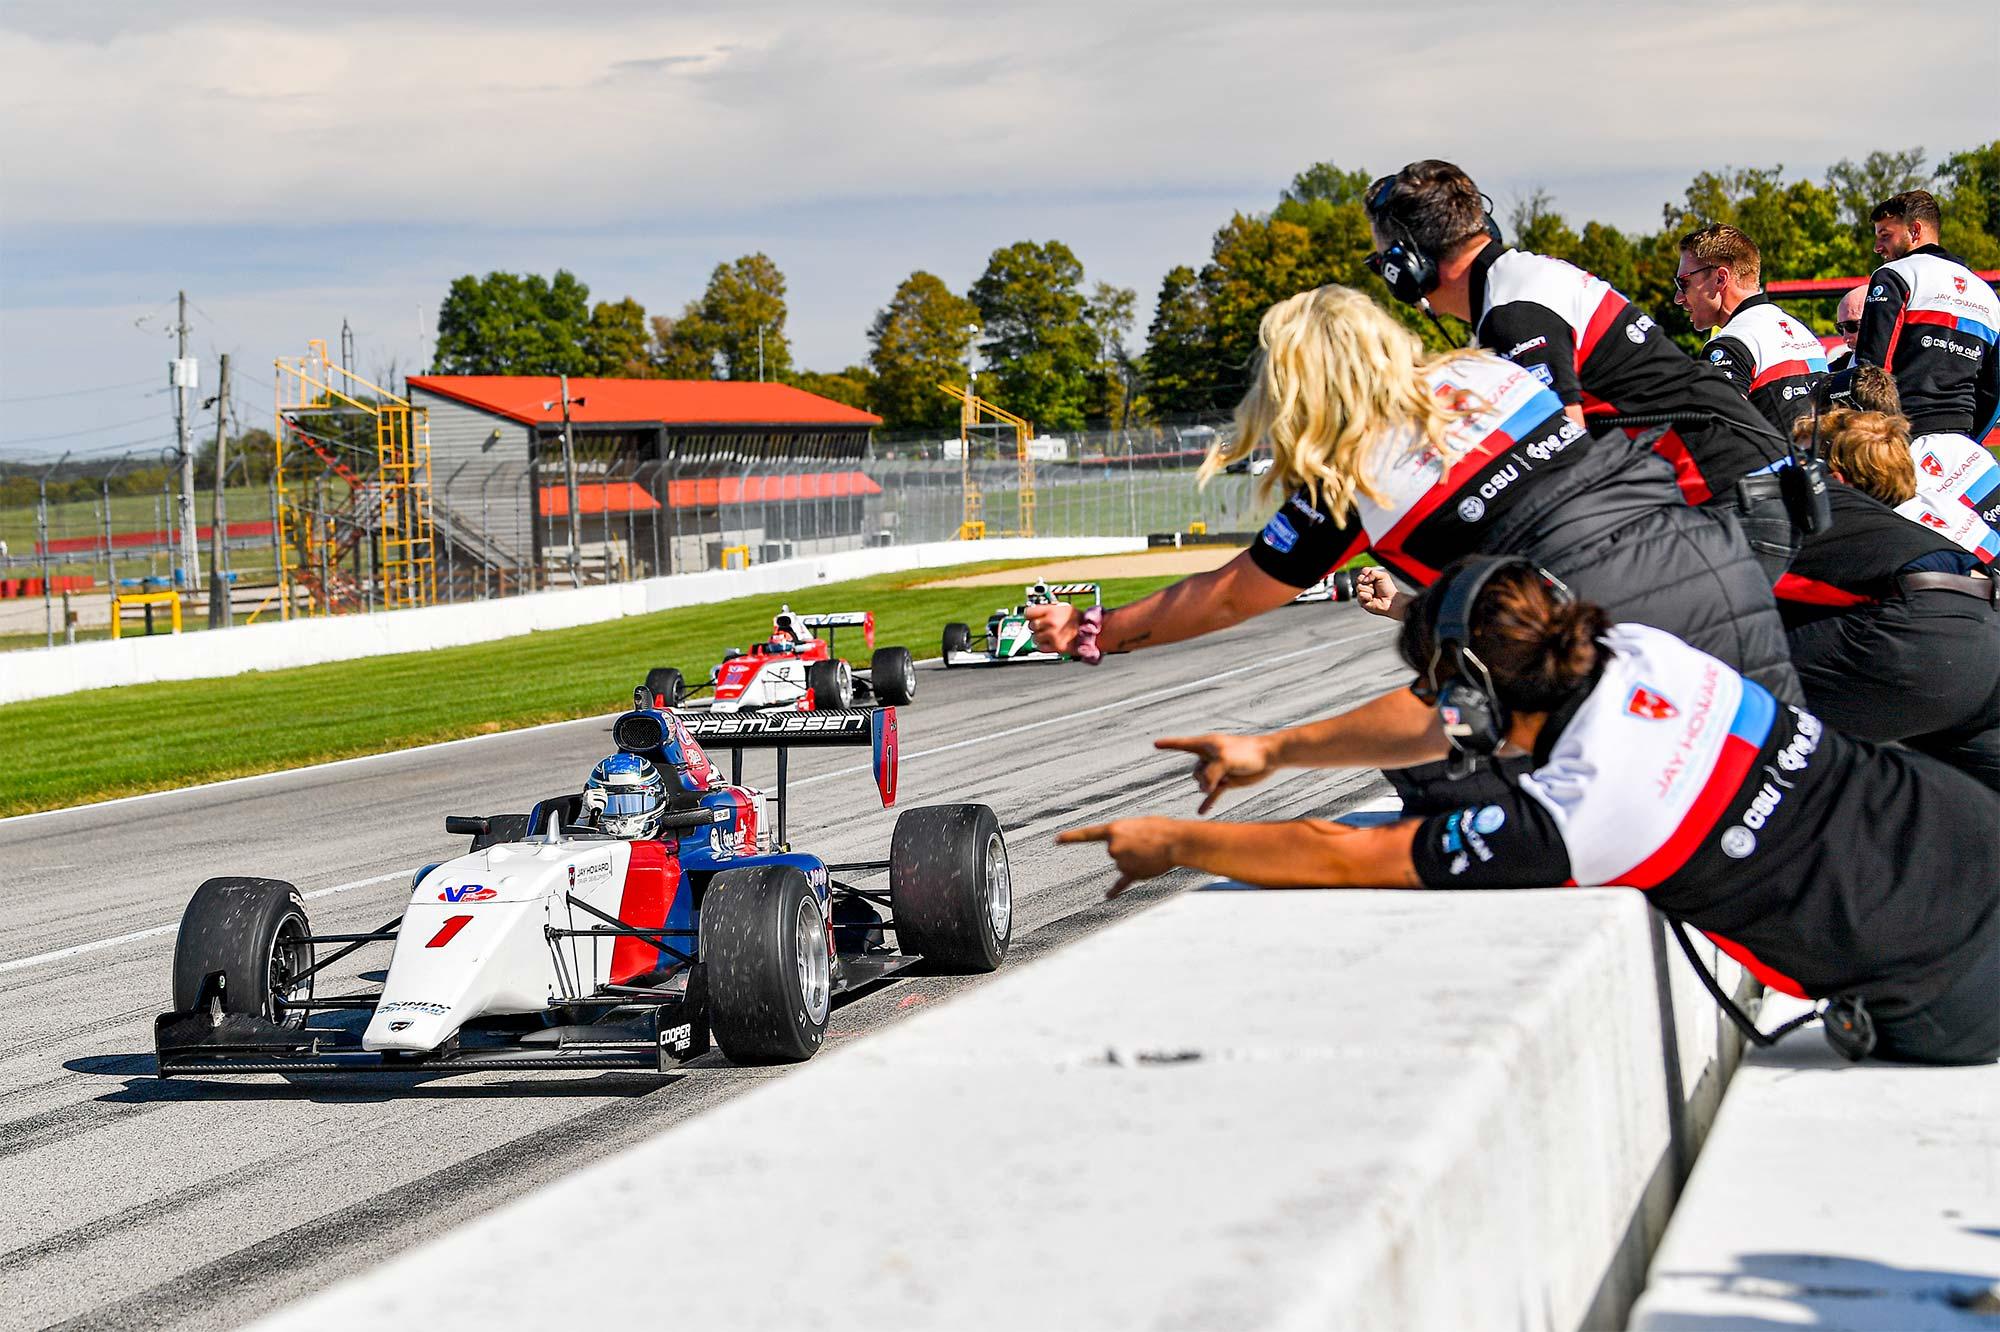 Sejren i næstsidste løb var ensbetydende med, at Christian Rasmussen blot skulle stille til start i sidste løb for at vinde Indy Pro 2000-mesterskabet.